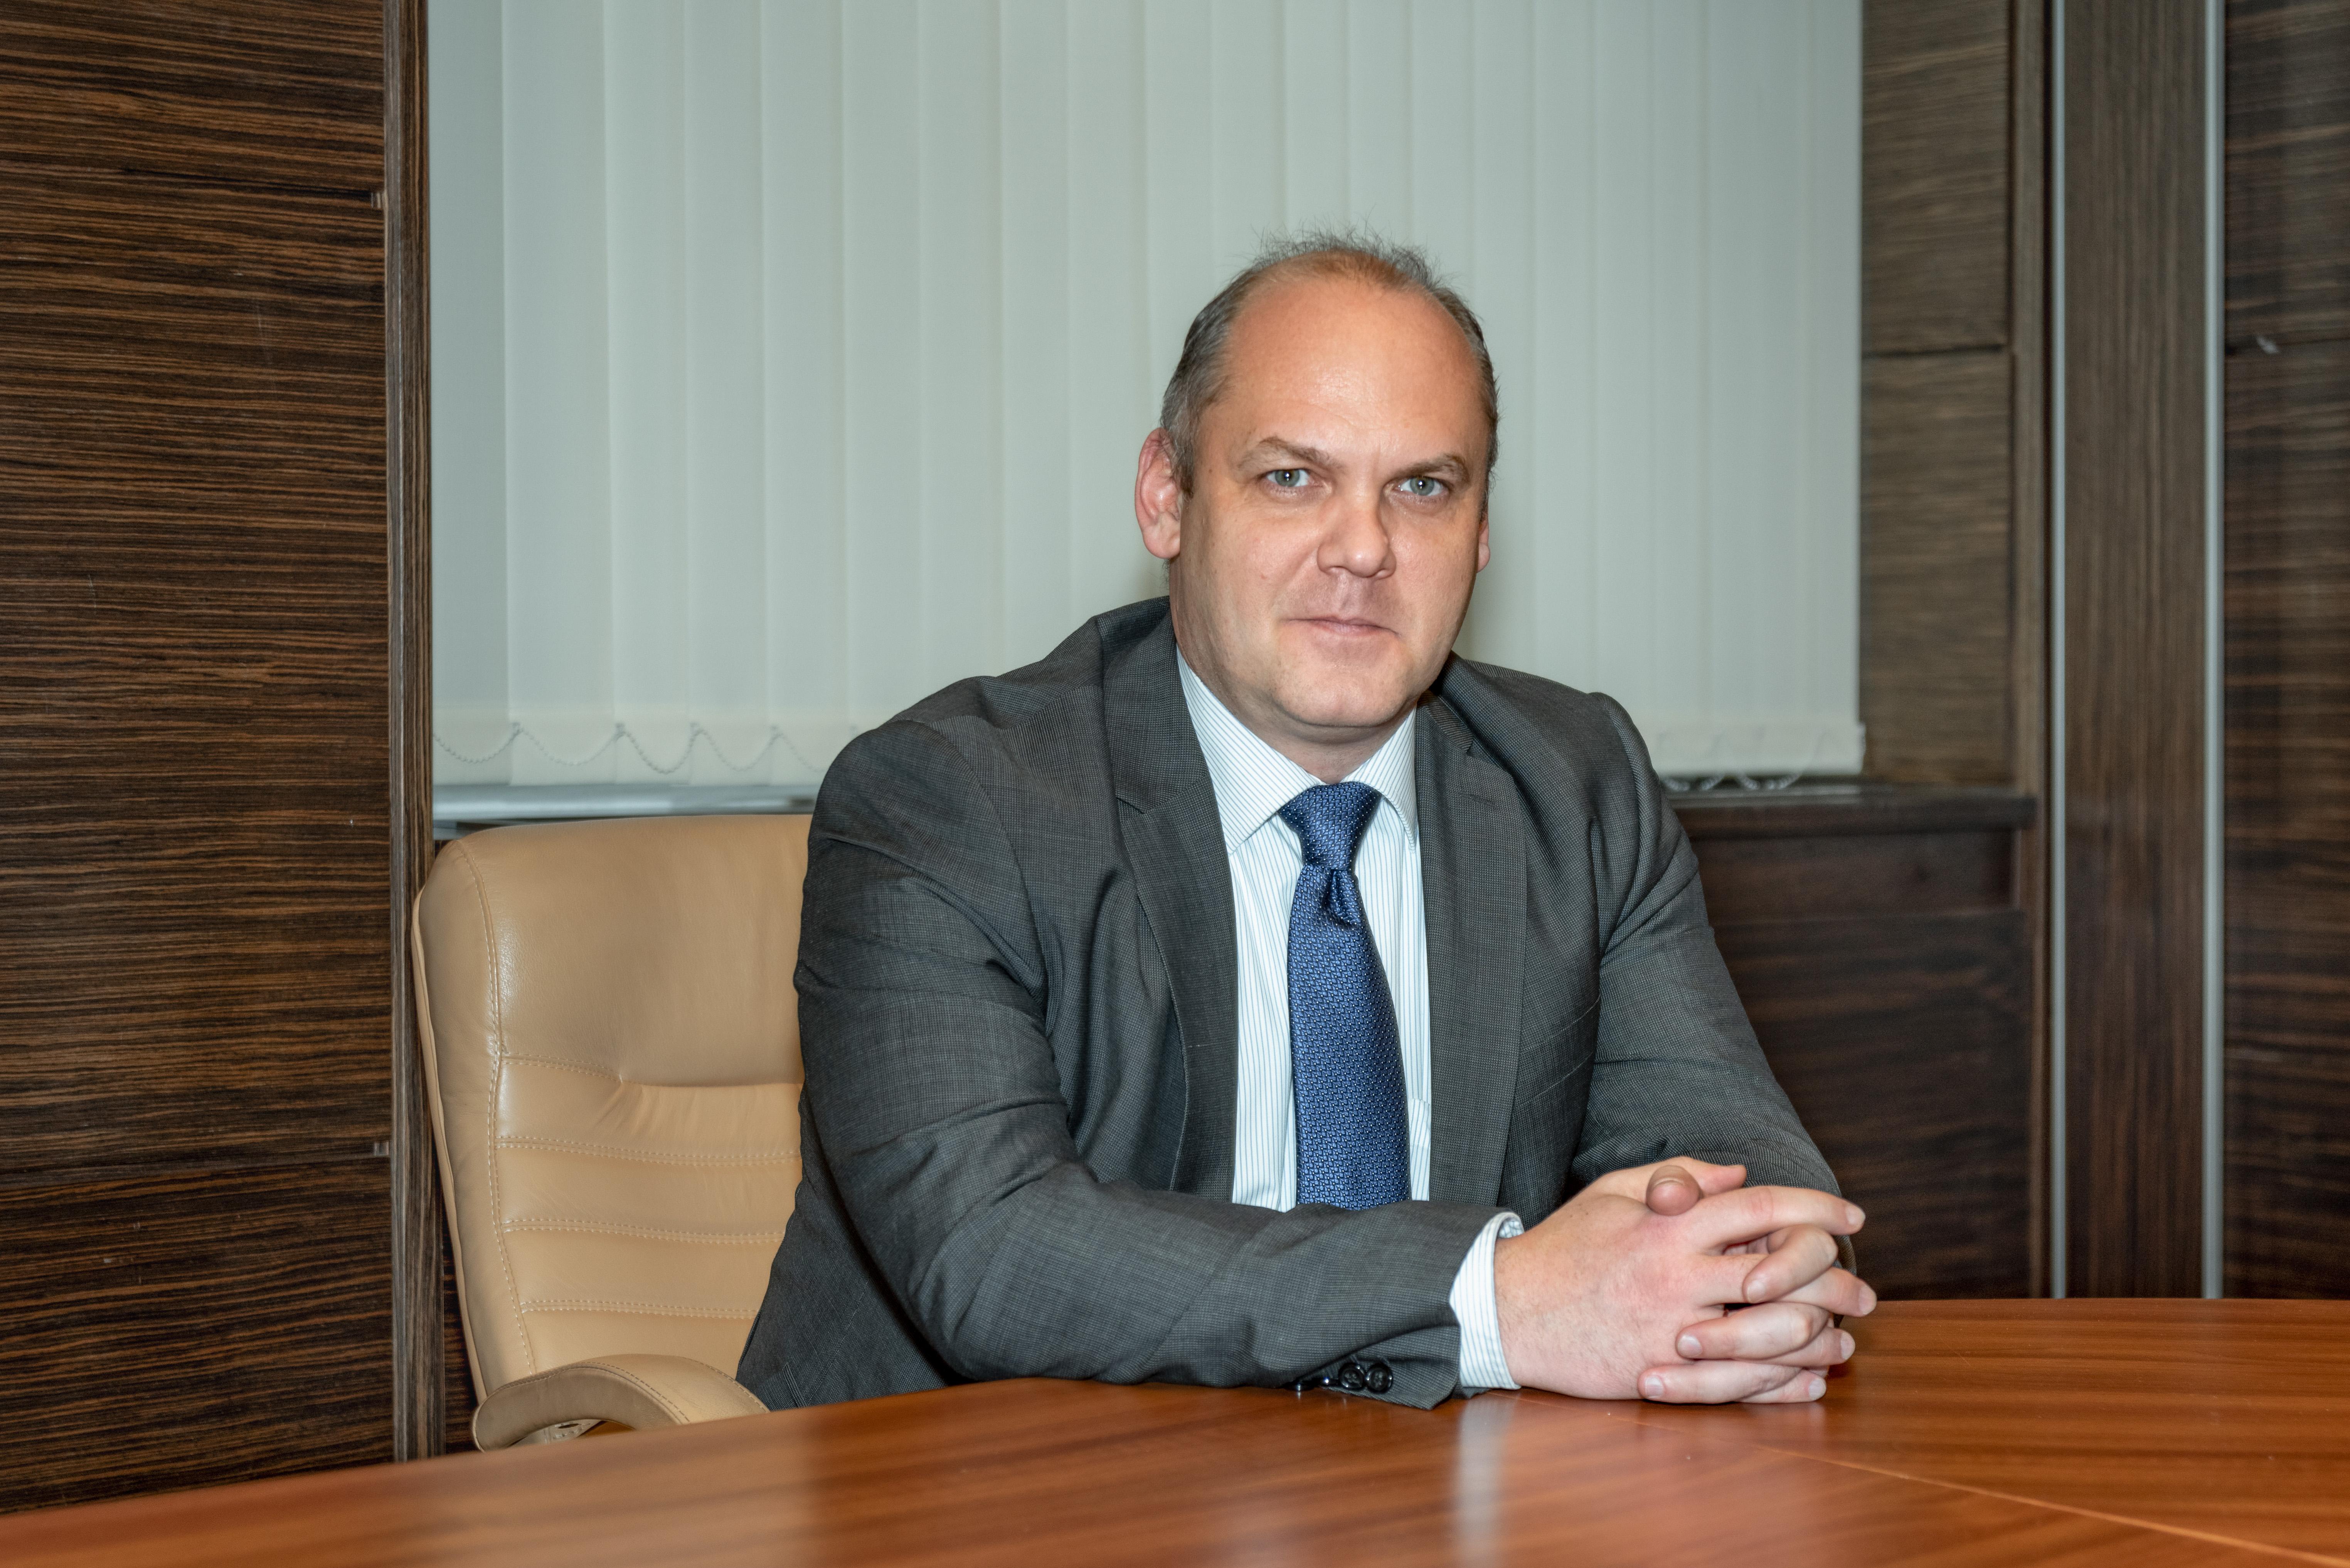 Эдуард Анашкин, генеральный директор ООО «ЛХ Файнэншл Сервисез» (входит в ГК Liebherr)